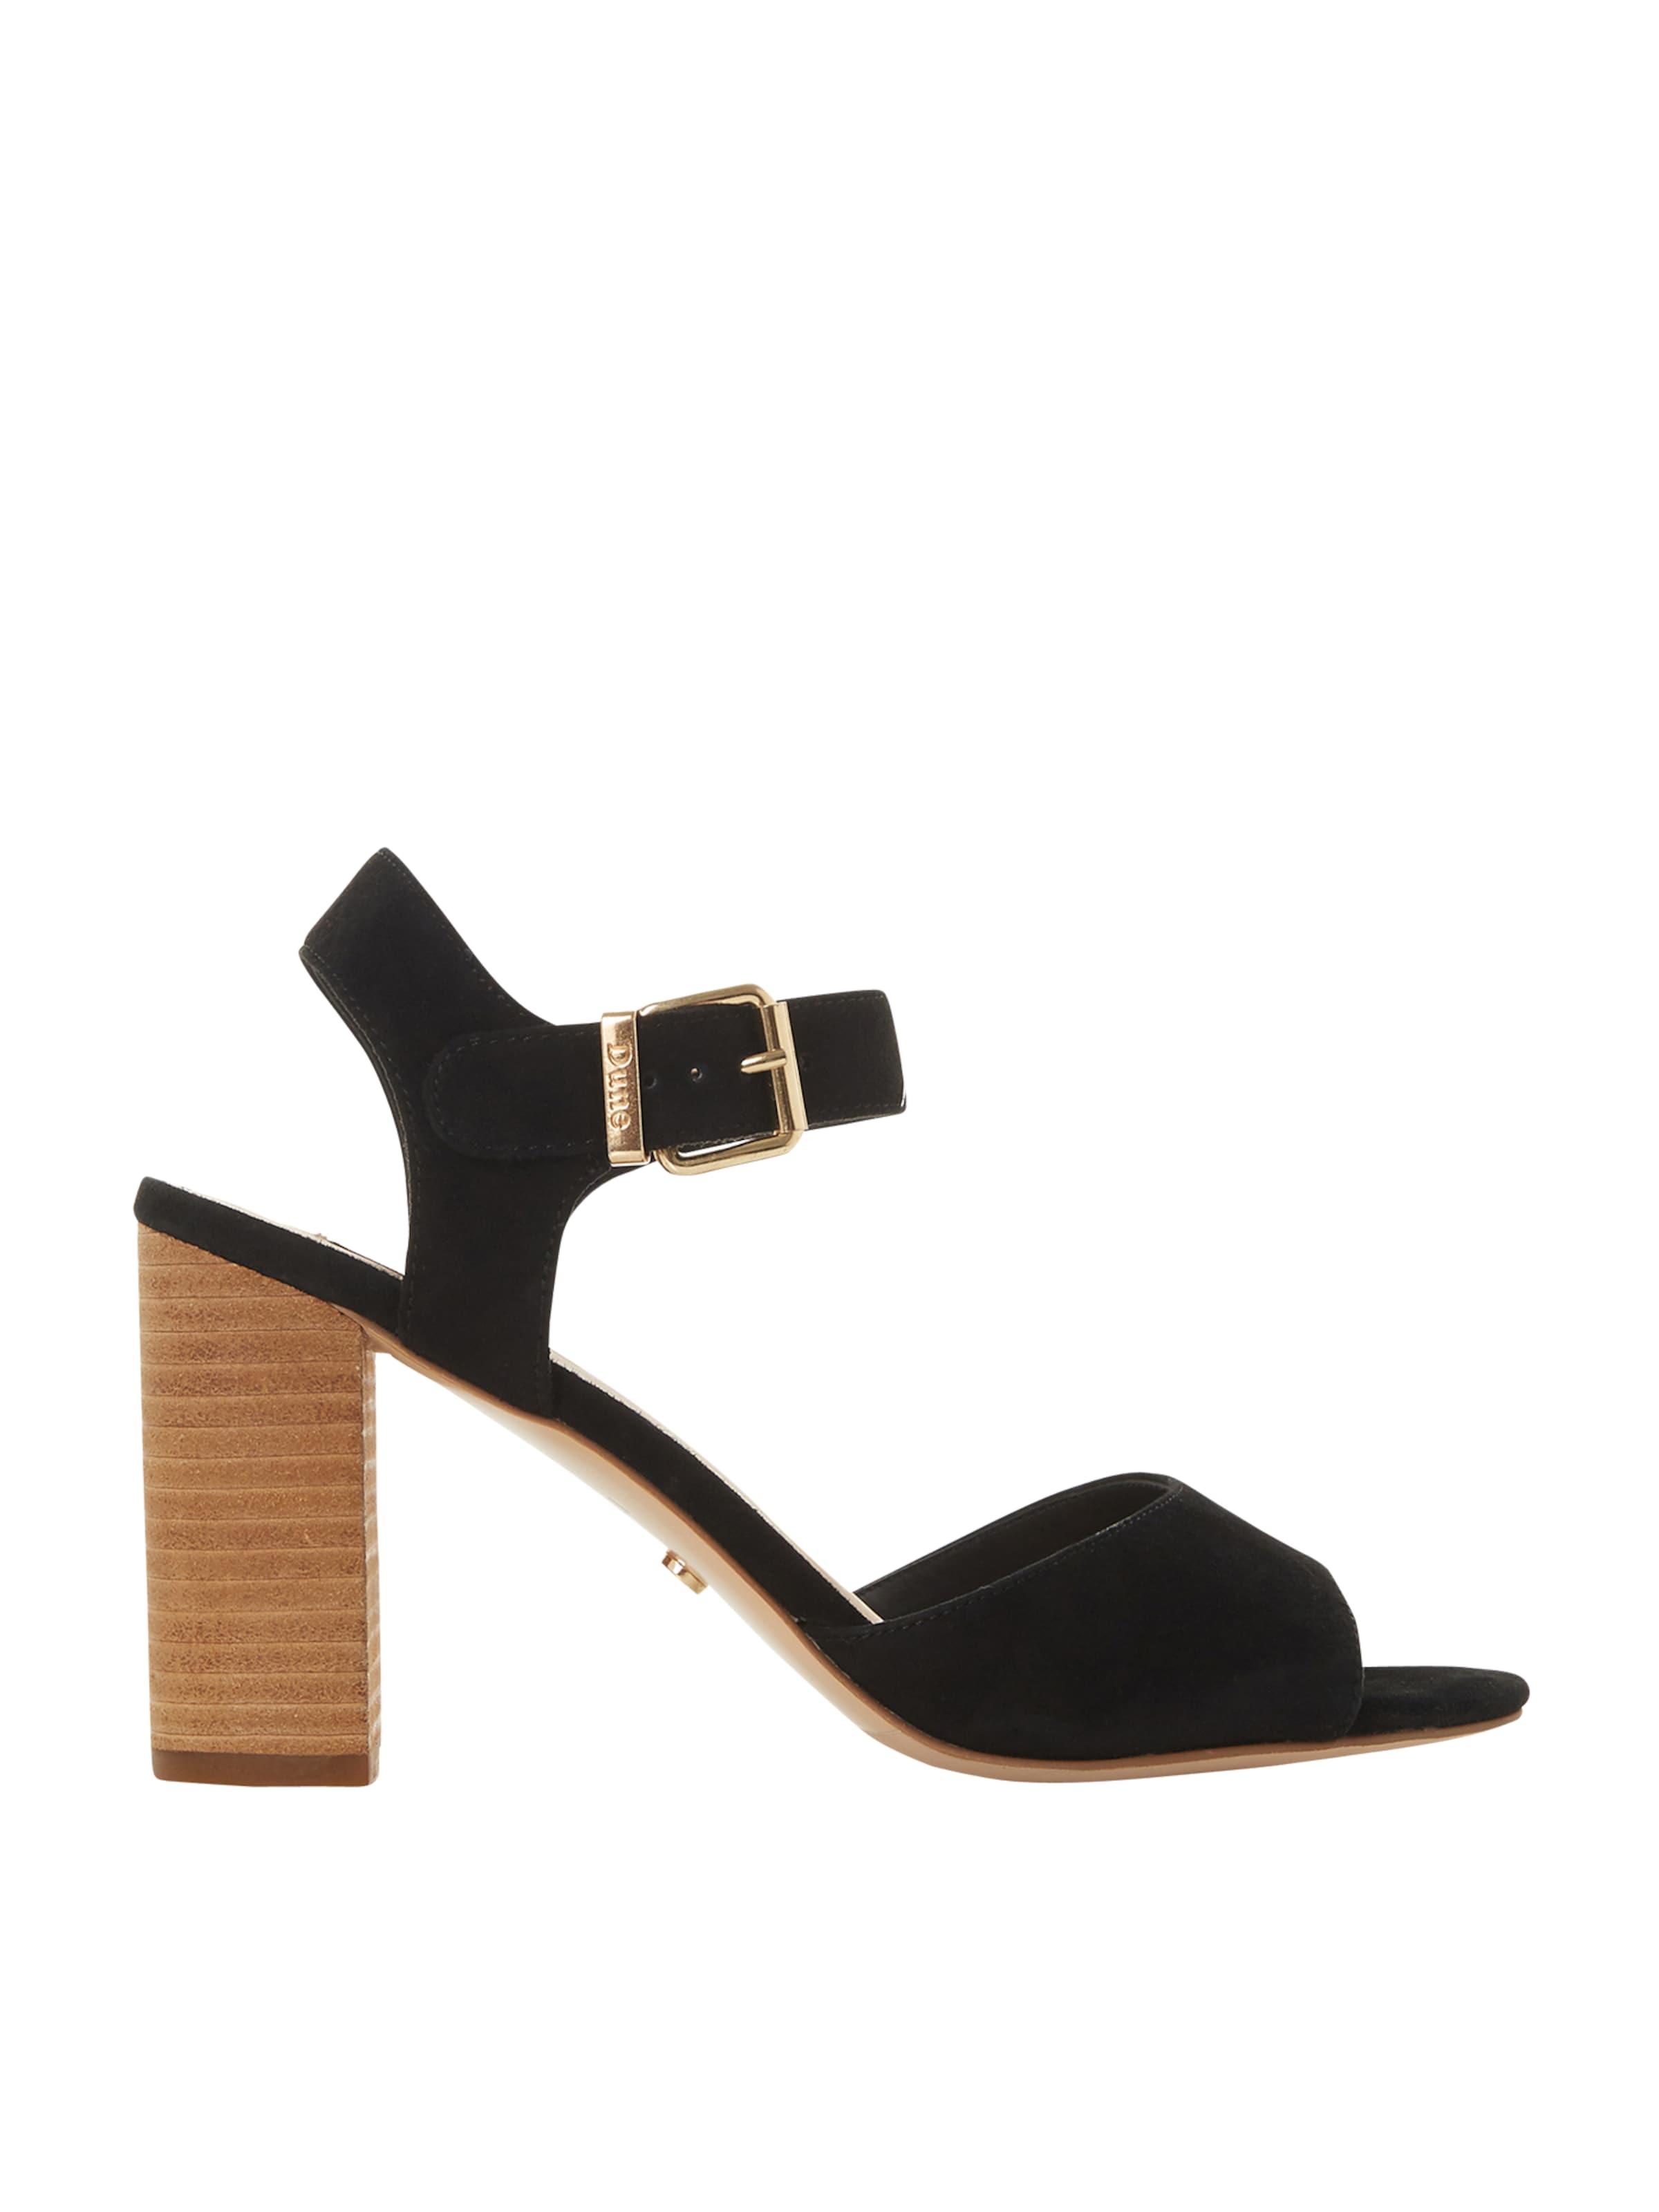 'isobela' Dune London Sandalette In Schwarz TOPuZiXk